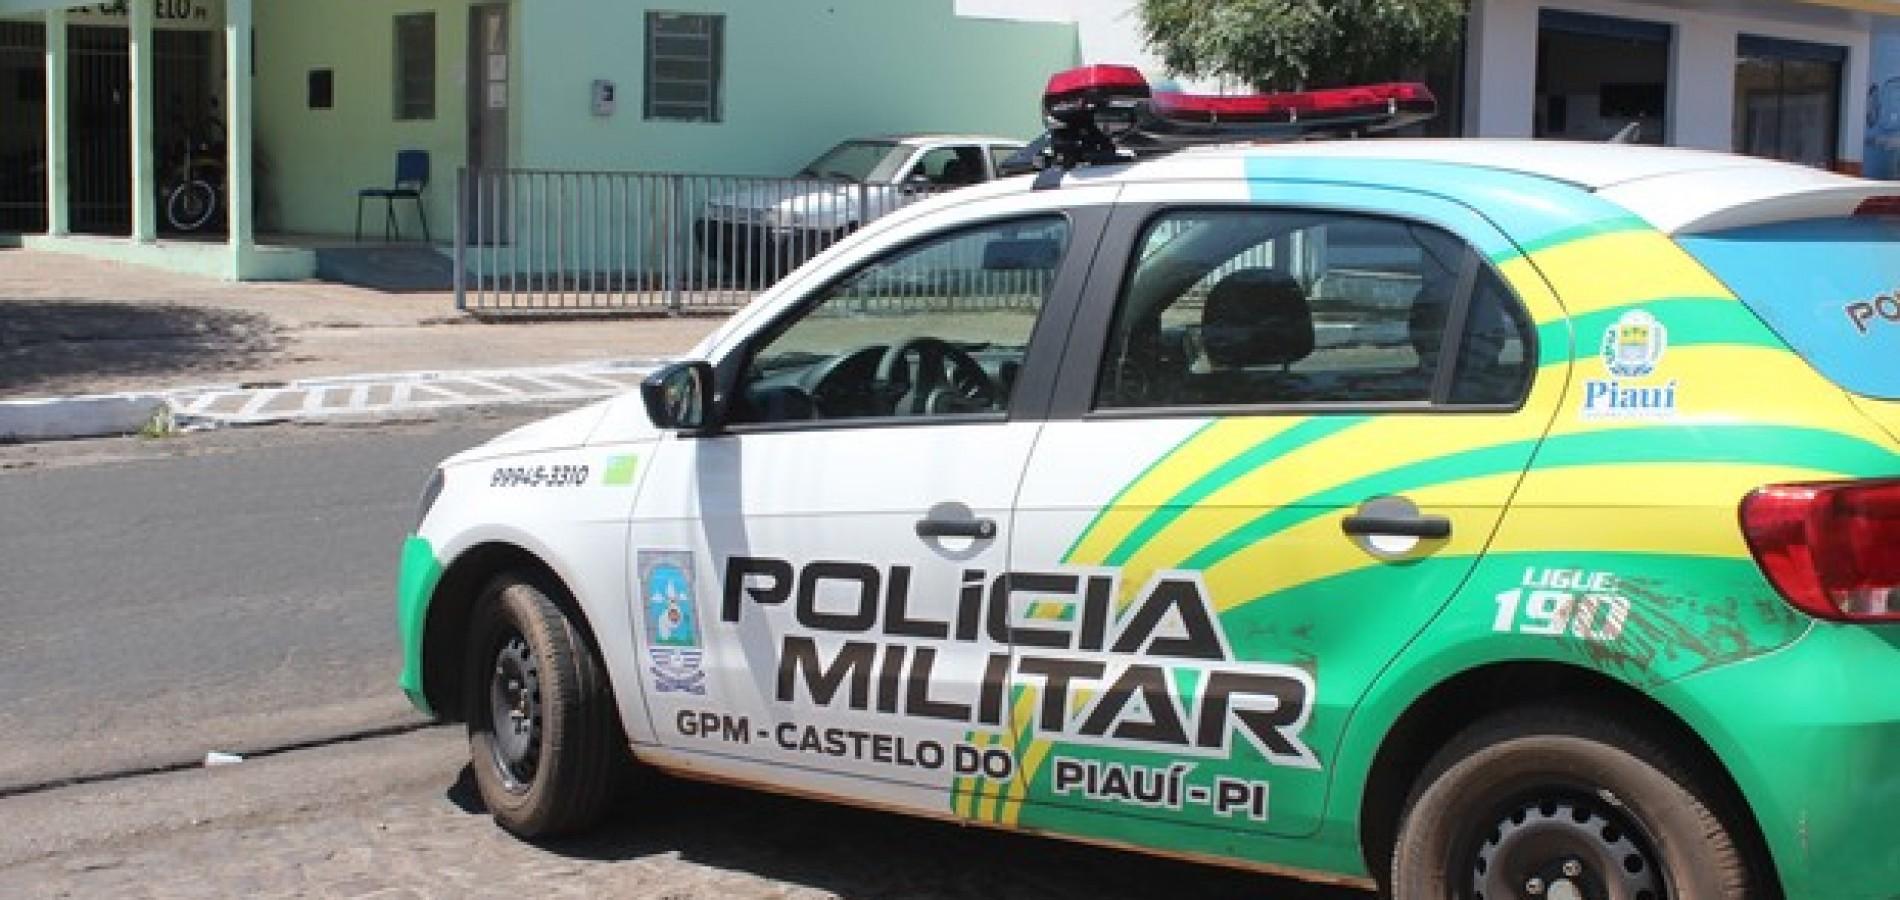 Idoso é preso suspeito de estuprar criança de 10 anos no interior do Piauí